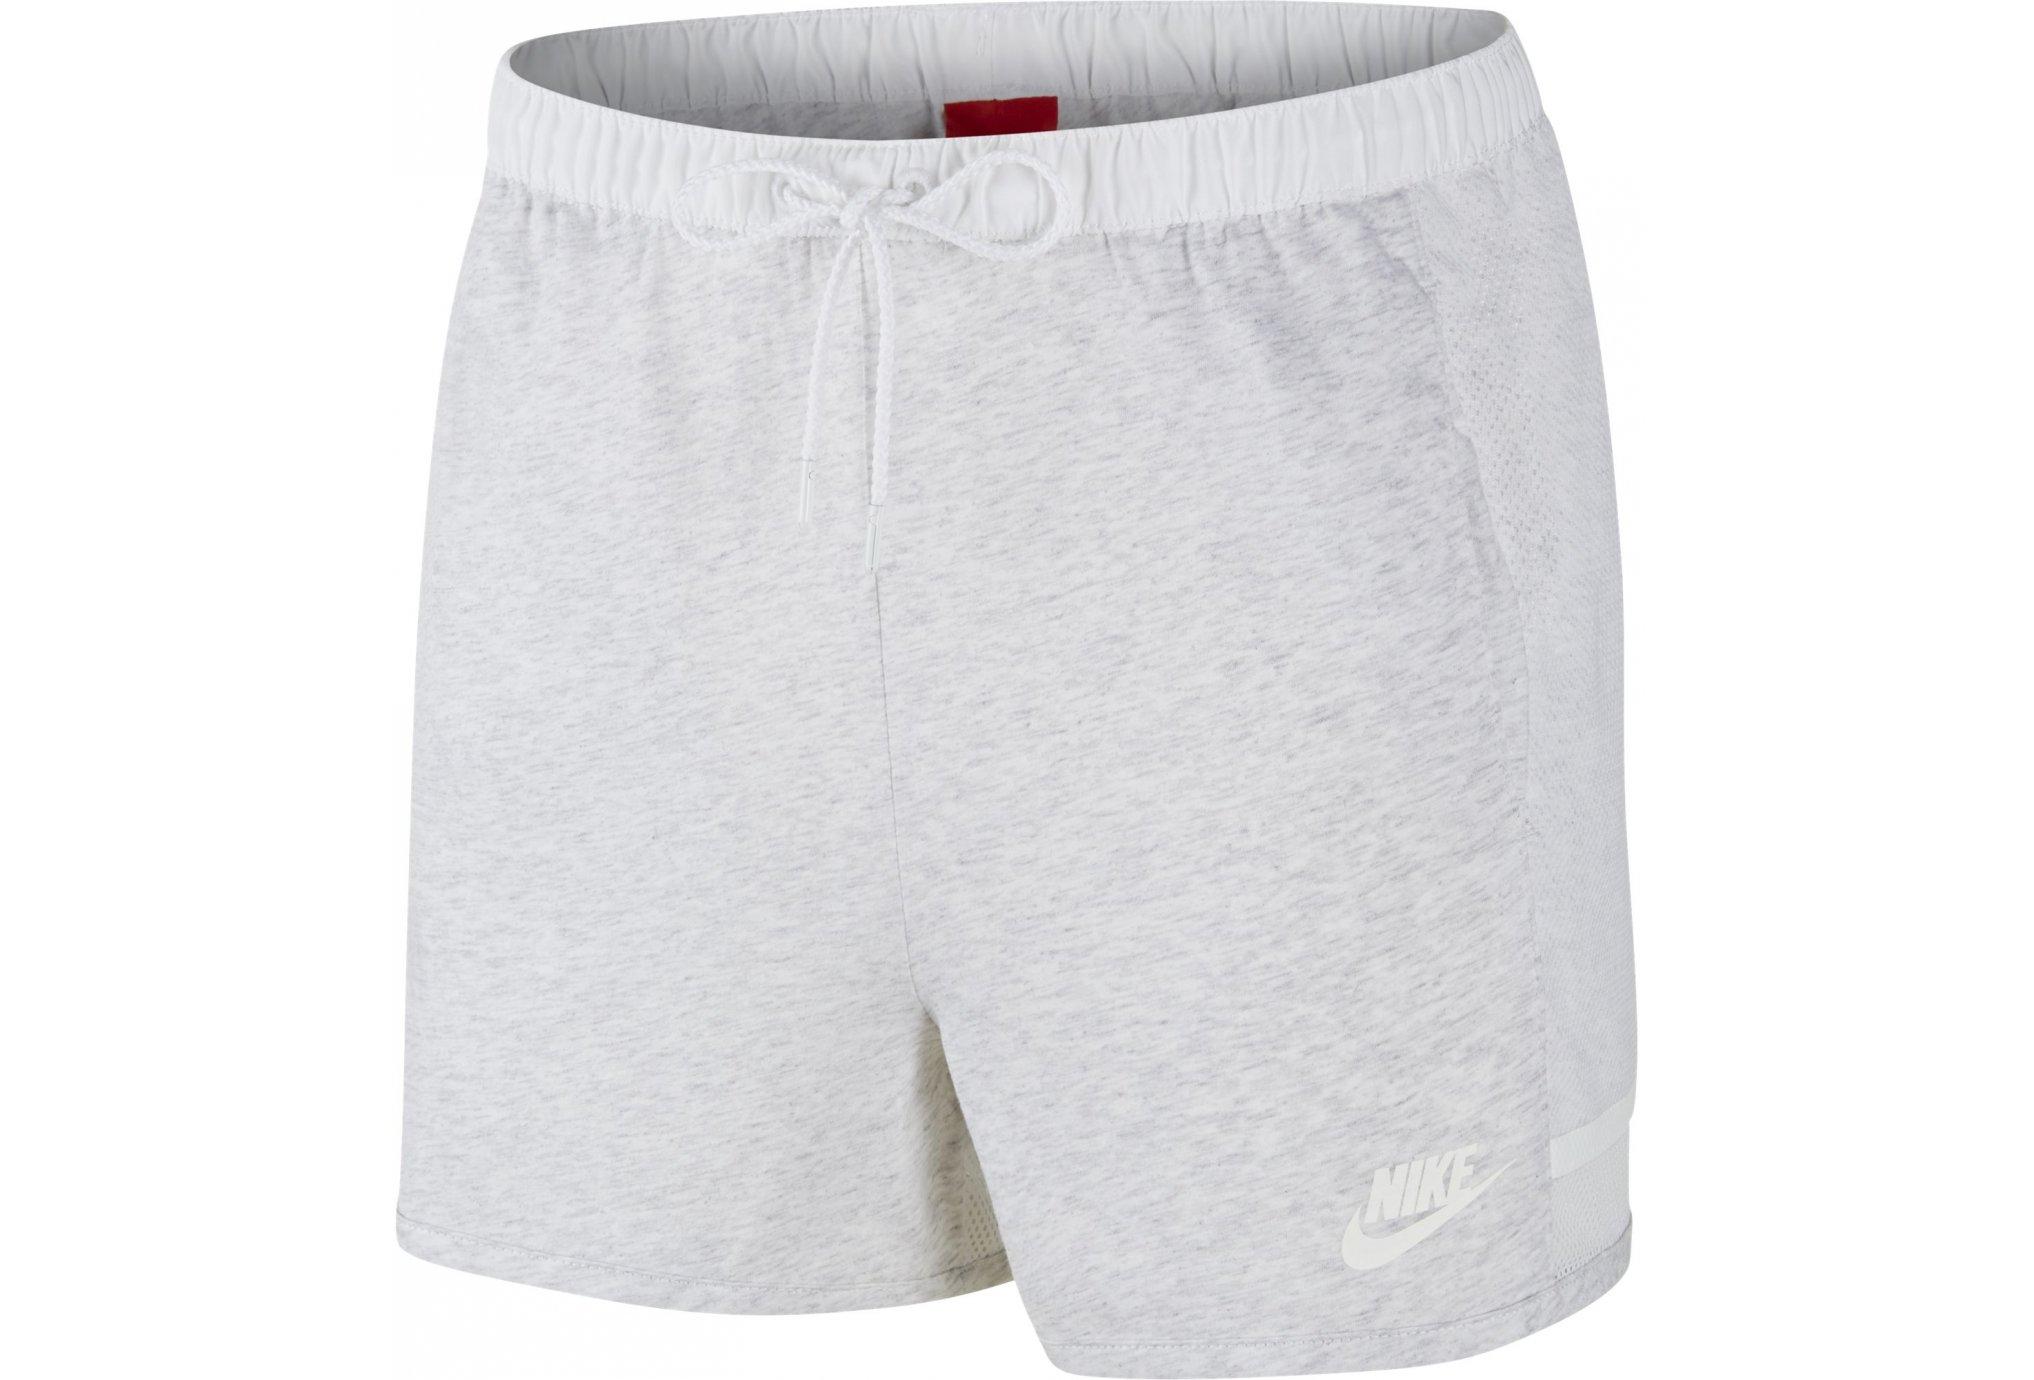 Nike Short Bonded W Diététique Vêtements femme